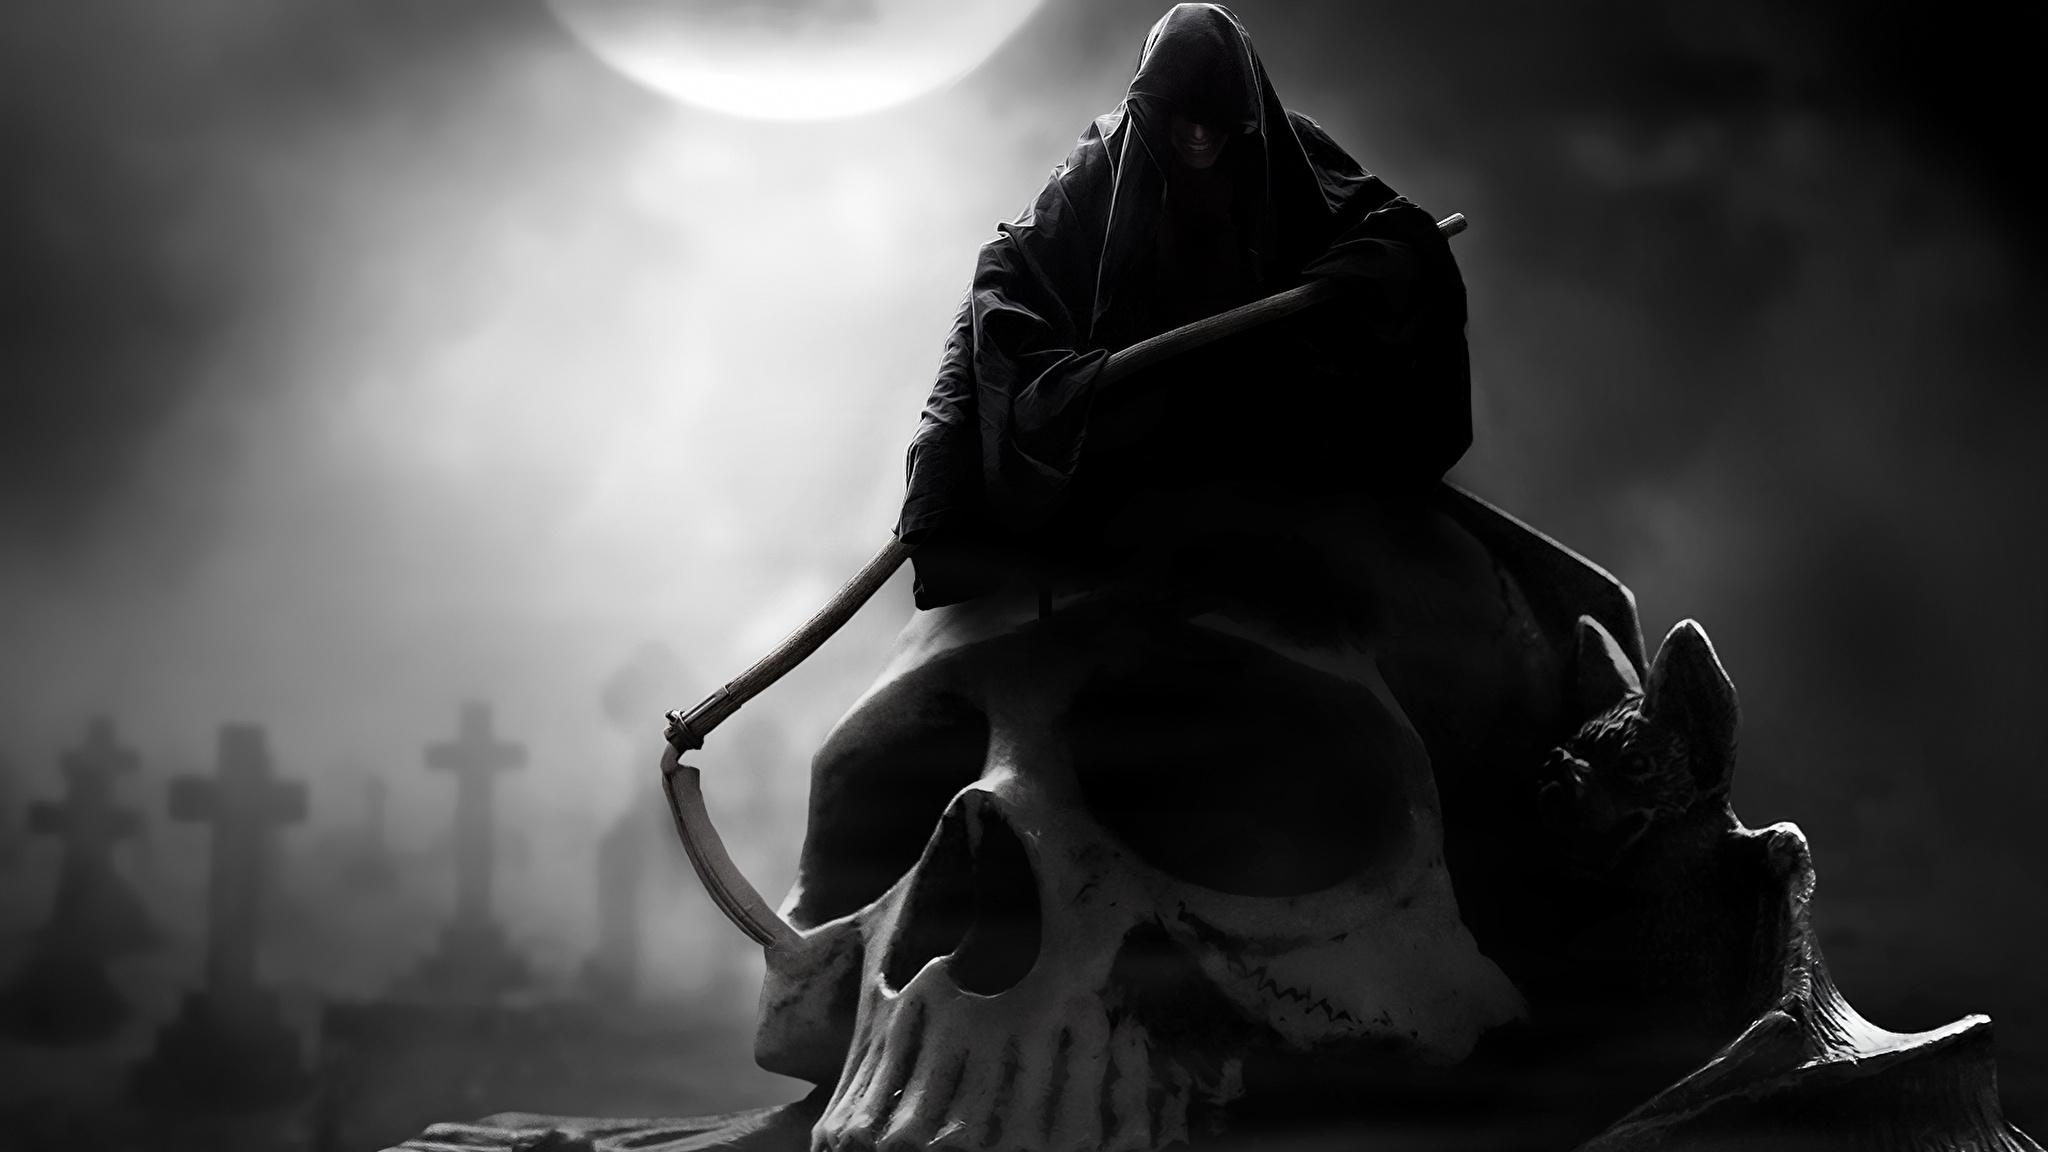 Обои На Рабочий Стол Смерть